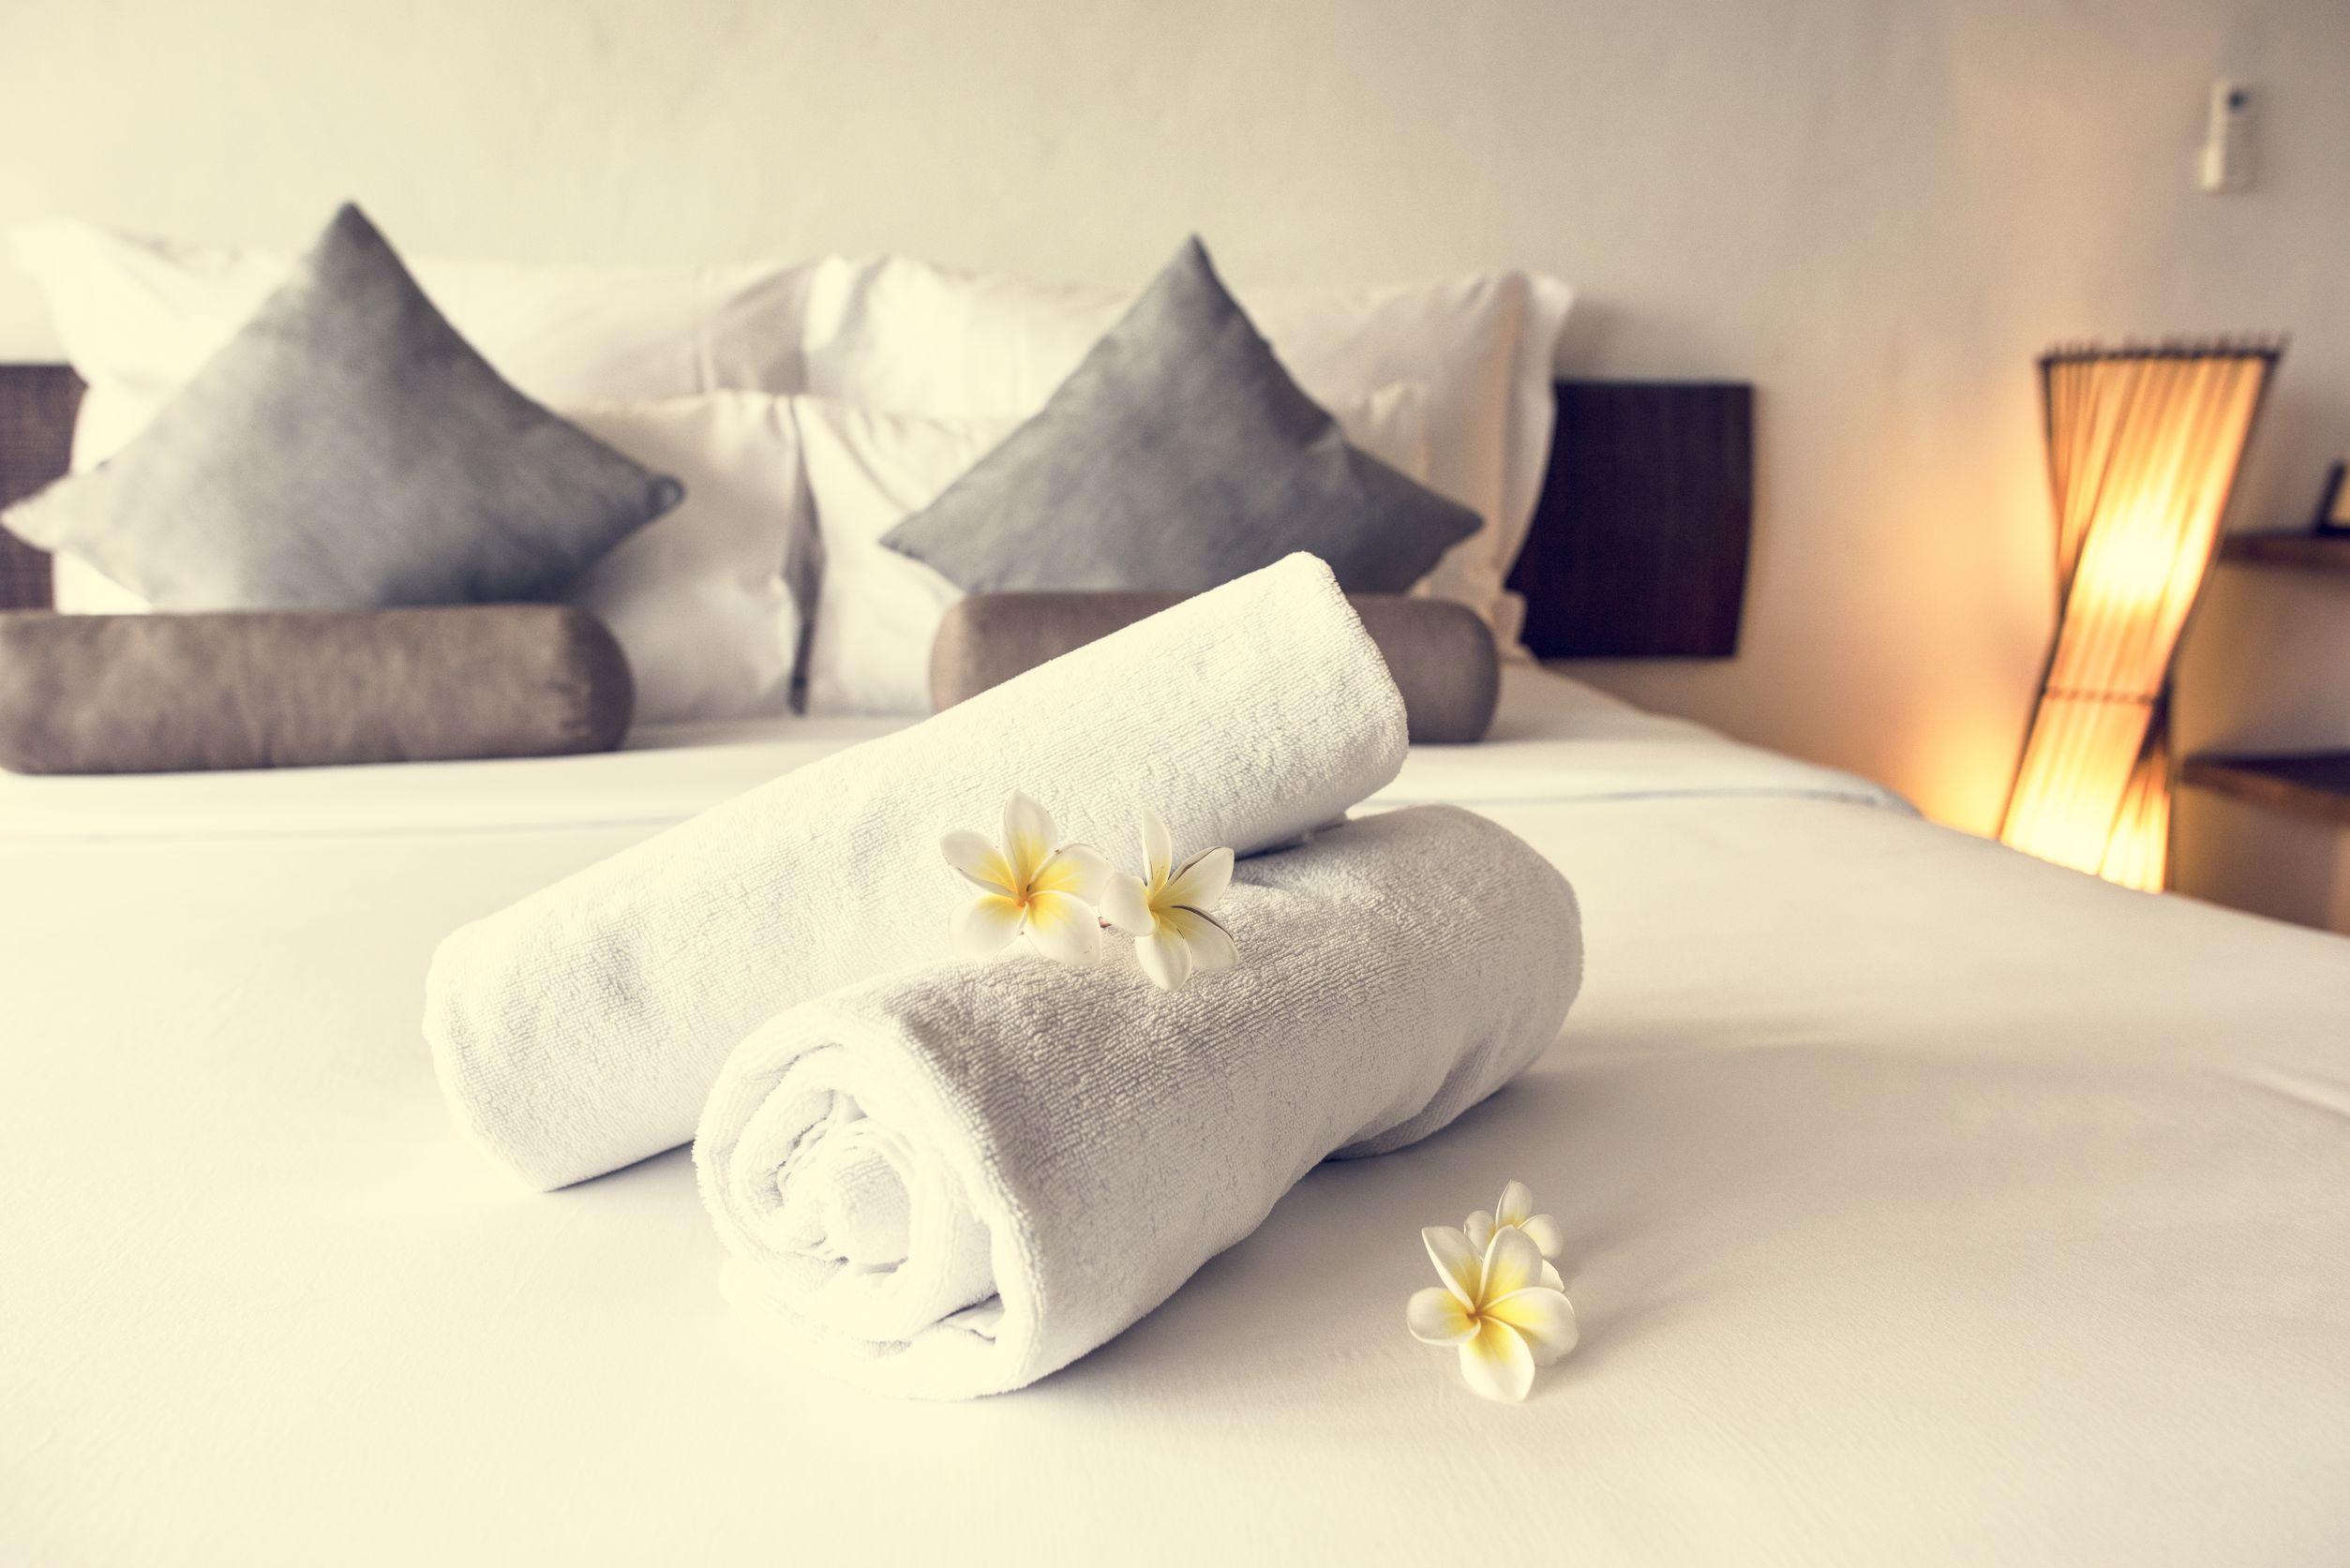 toallas sobre cama